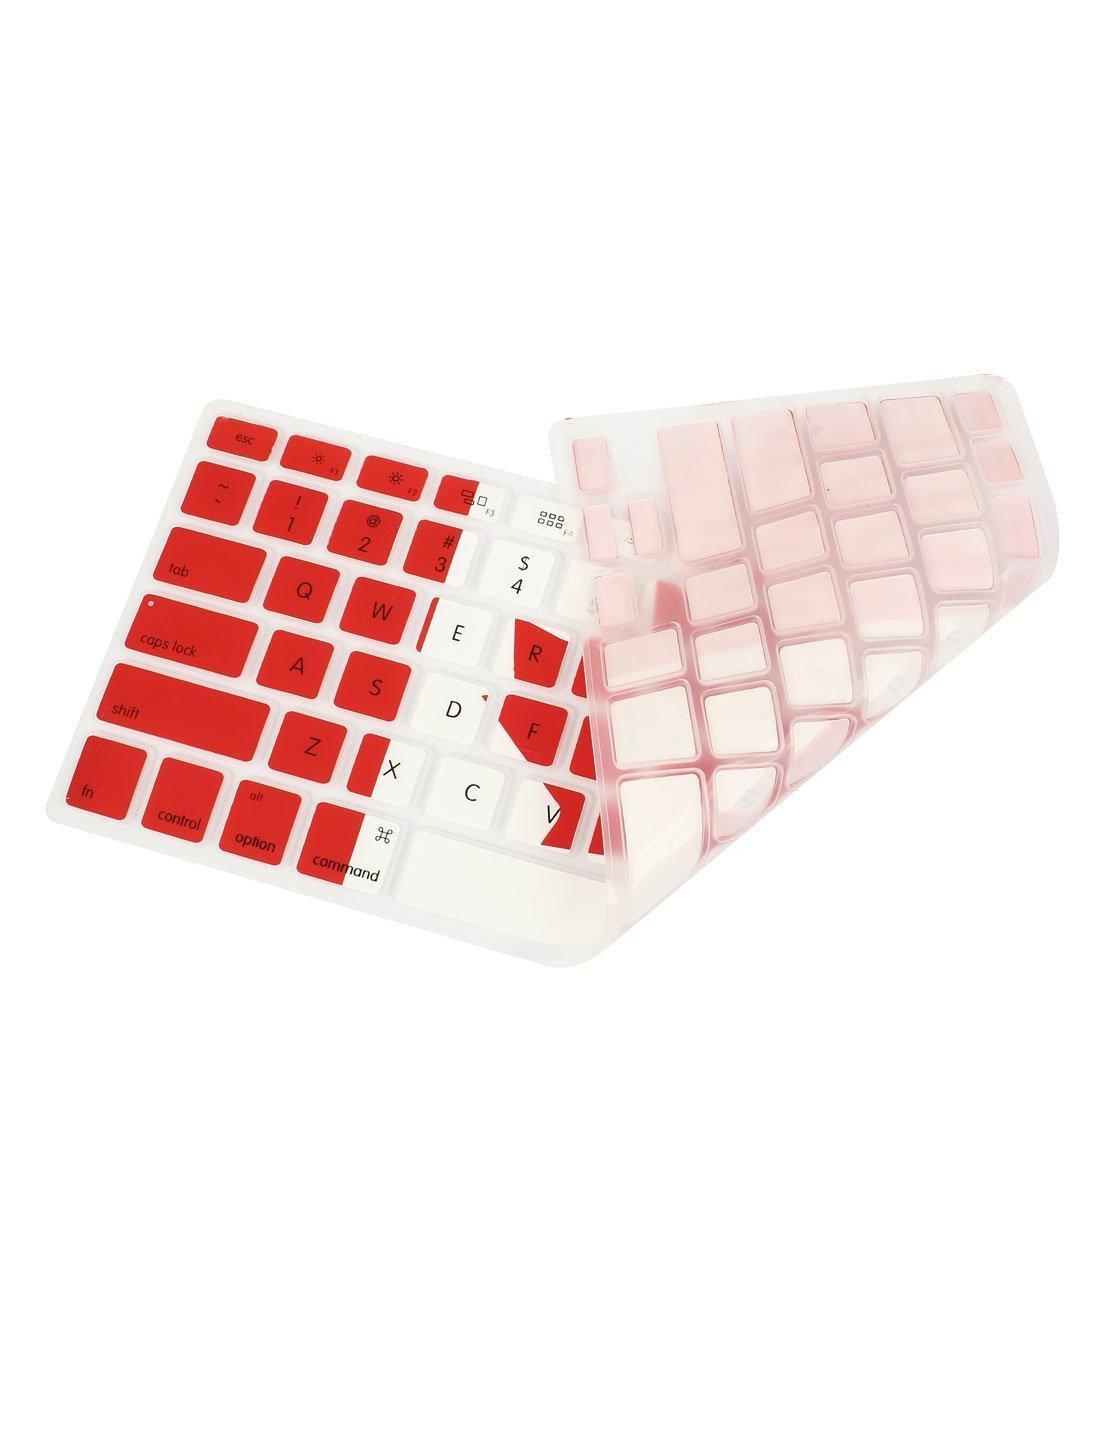 Amazon.com: eDealMax La Bandera de Canadá teclado cubierta de la película del Protector Para Apple MacBook Air 13,3: Electronics